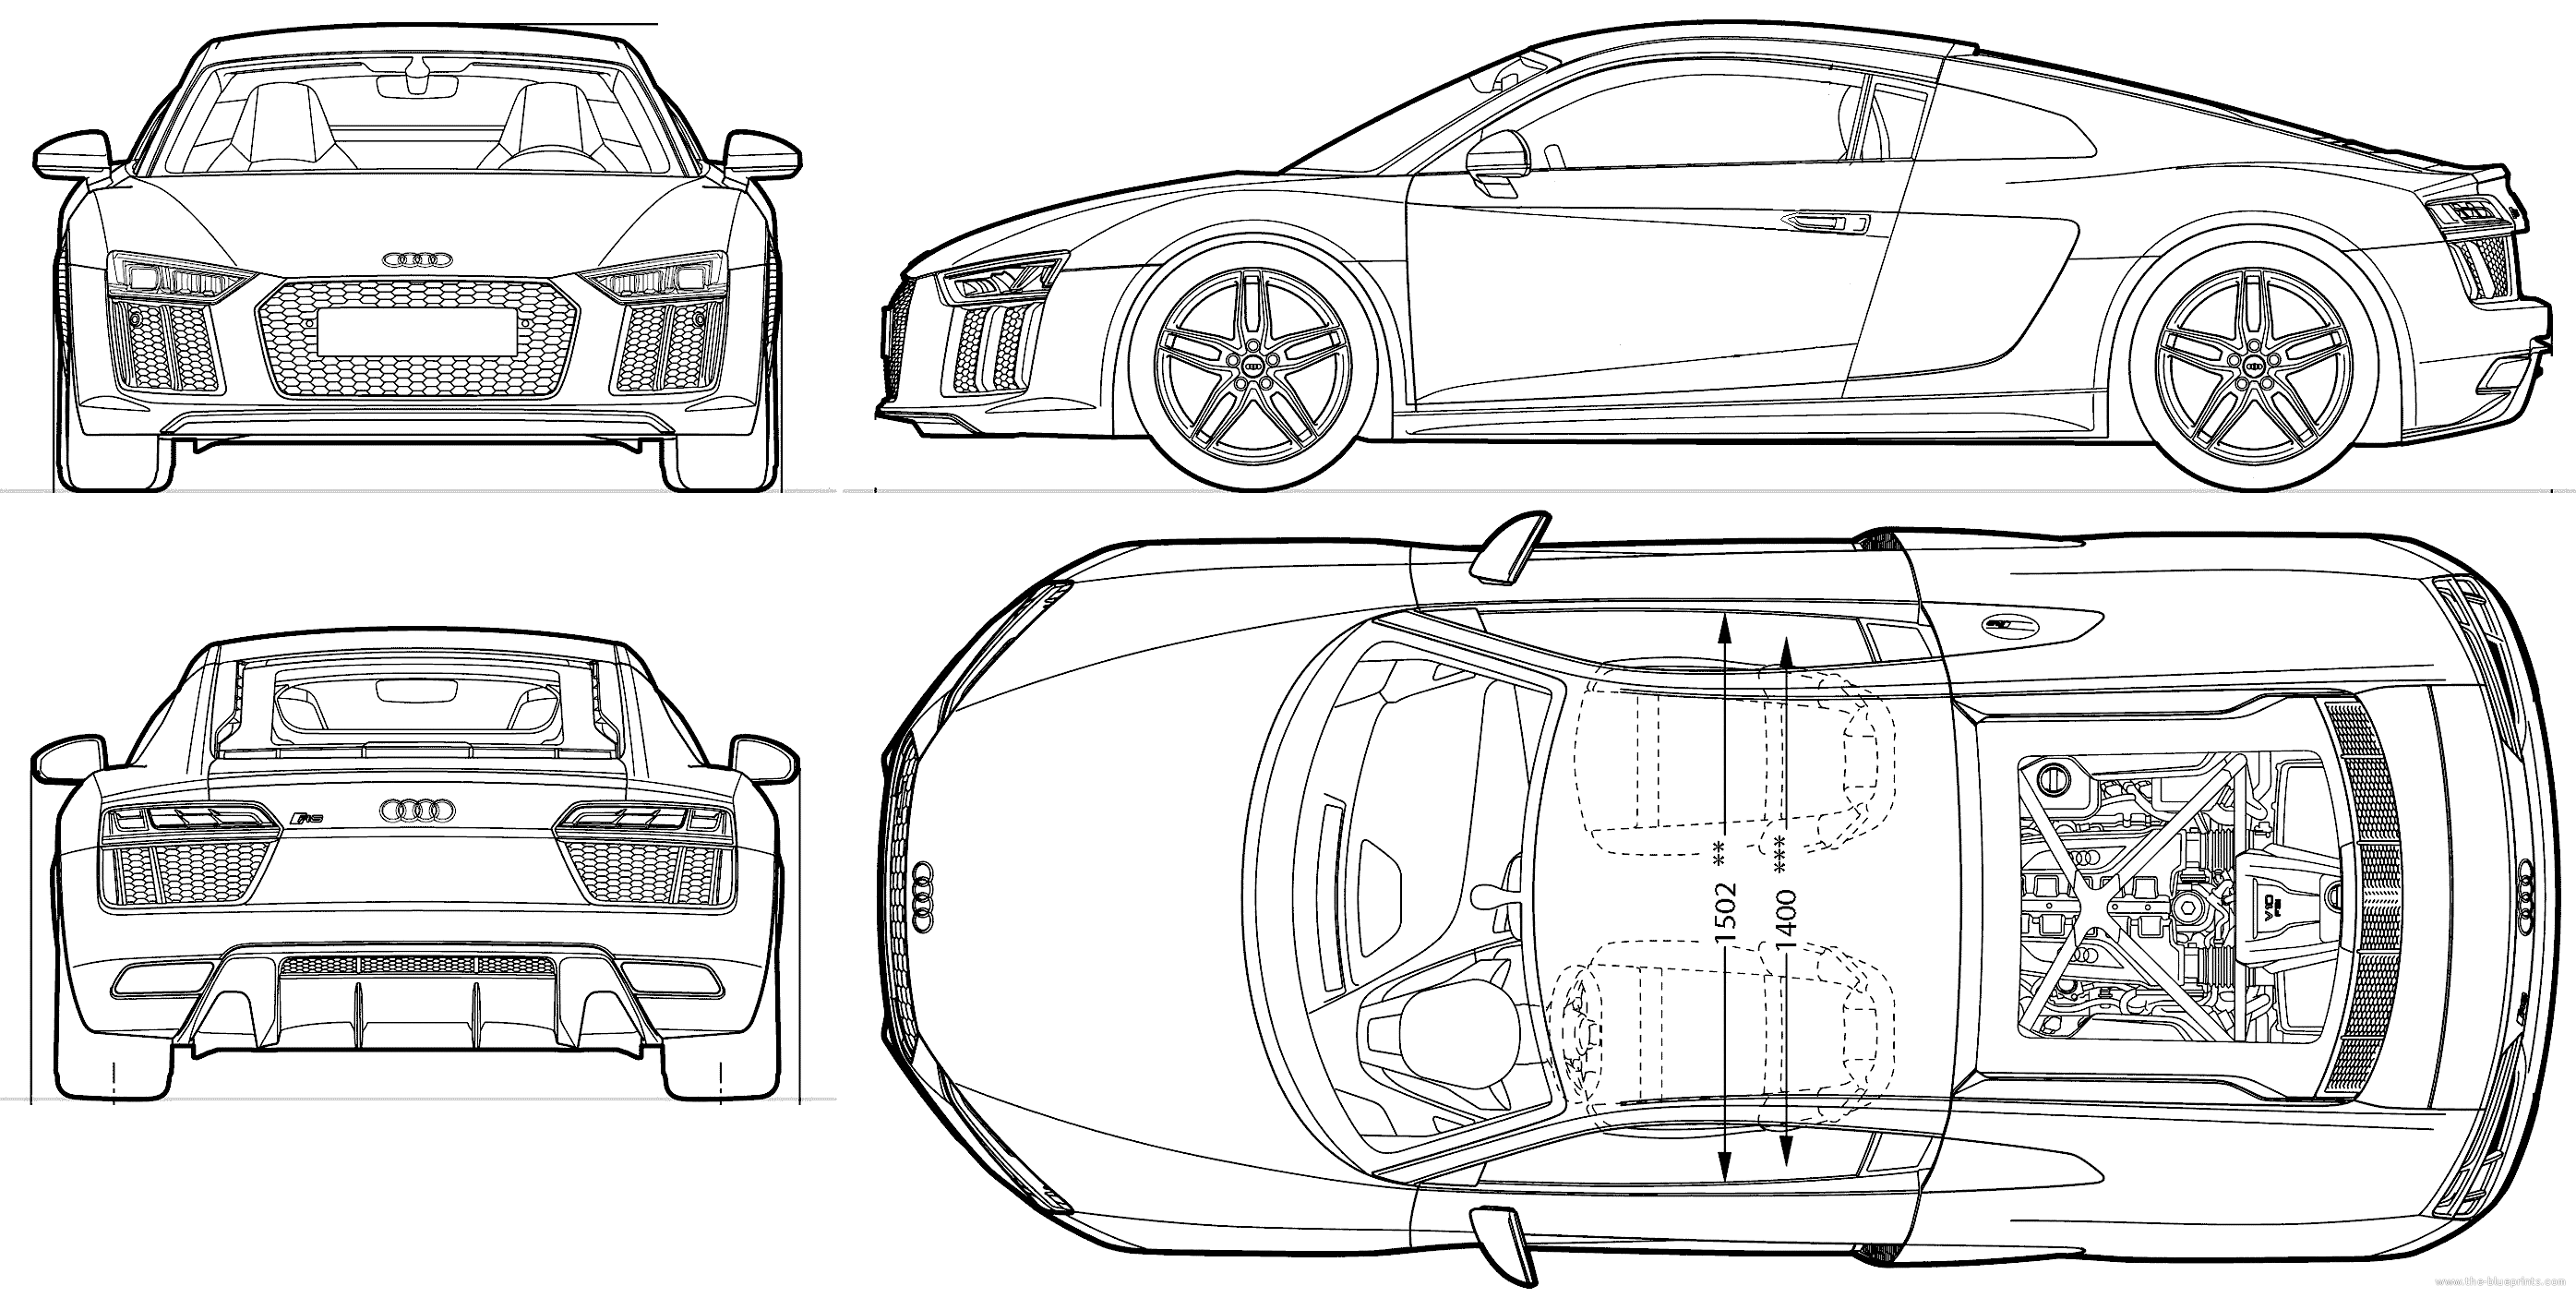 Blueprints Gt Cars Gt Audi Gt Audi R8 2015